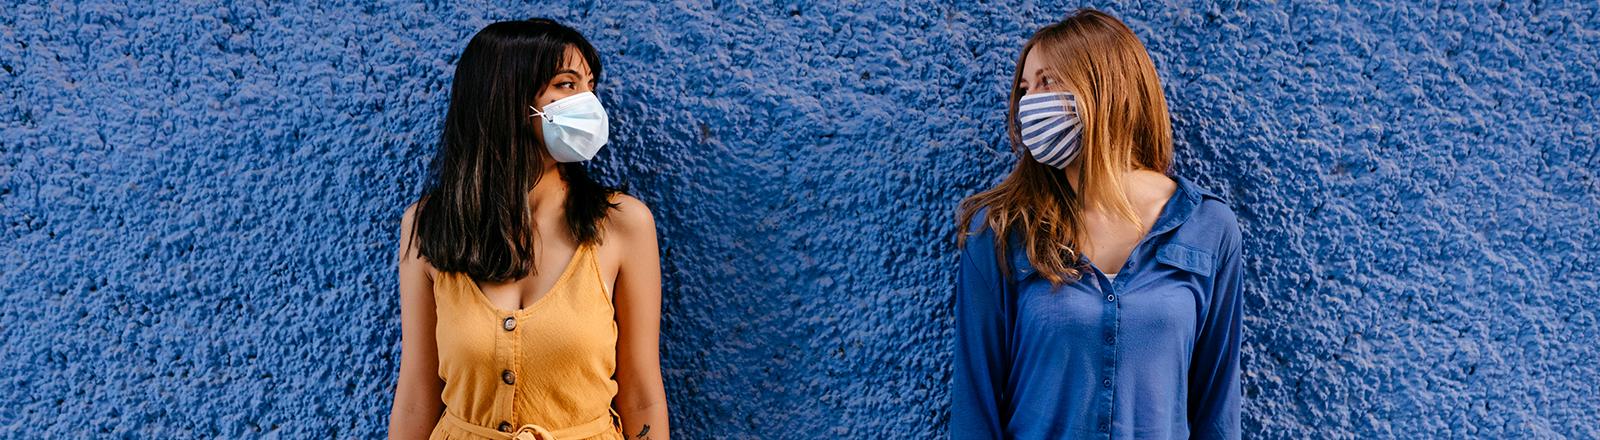 Zwei weiblich gelesene Personen tragen einen Mund-Nase-Schutz und schauen sich an.